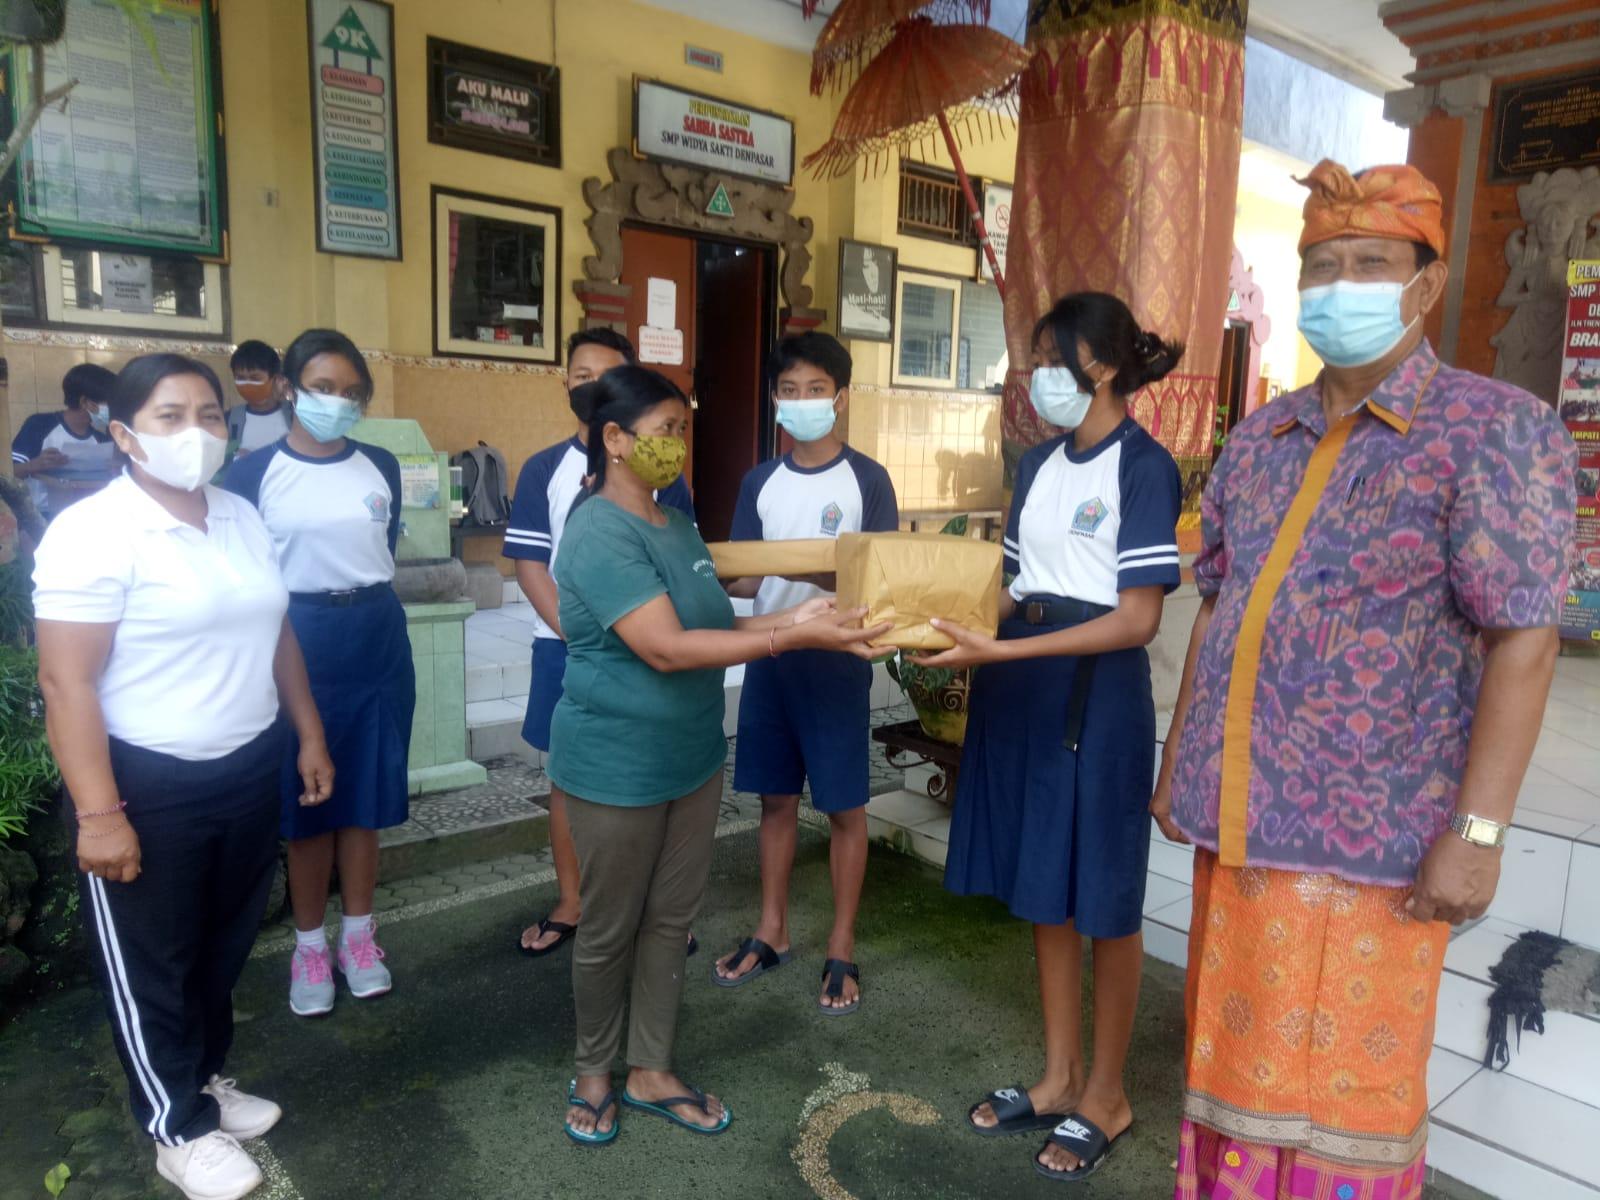 OSIS SMP Widya Sakti Denpasar didampingi Kasek Wayan Nendra menyerahkan bingkisan sembako pada warga Kelurahan Penatih yang terdampak pandemi Covid-19. Foto: tra